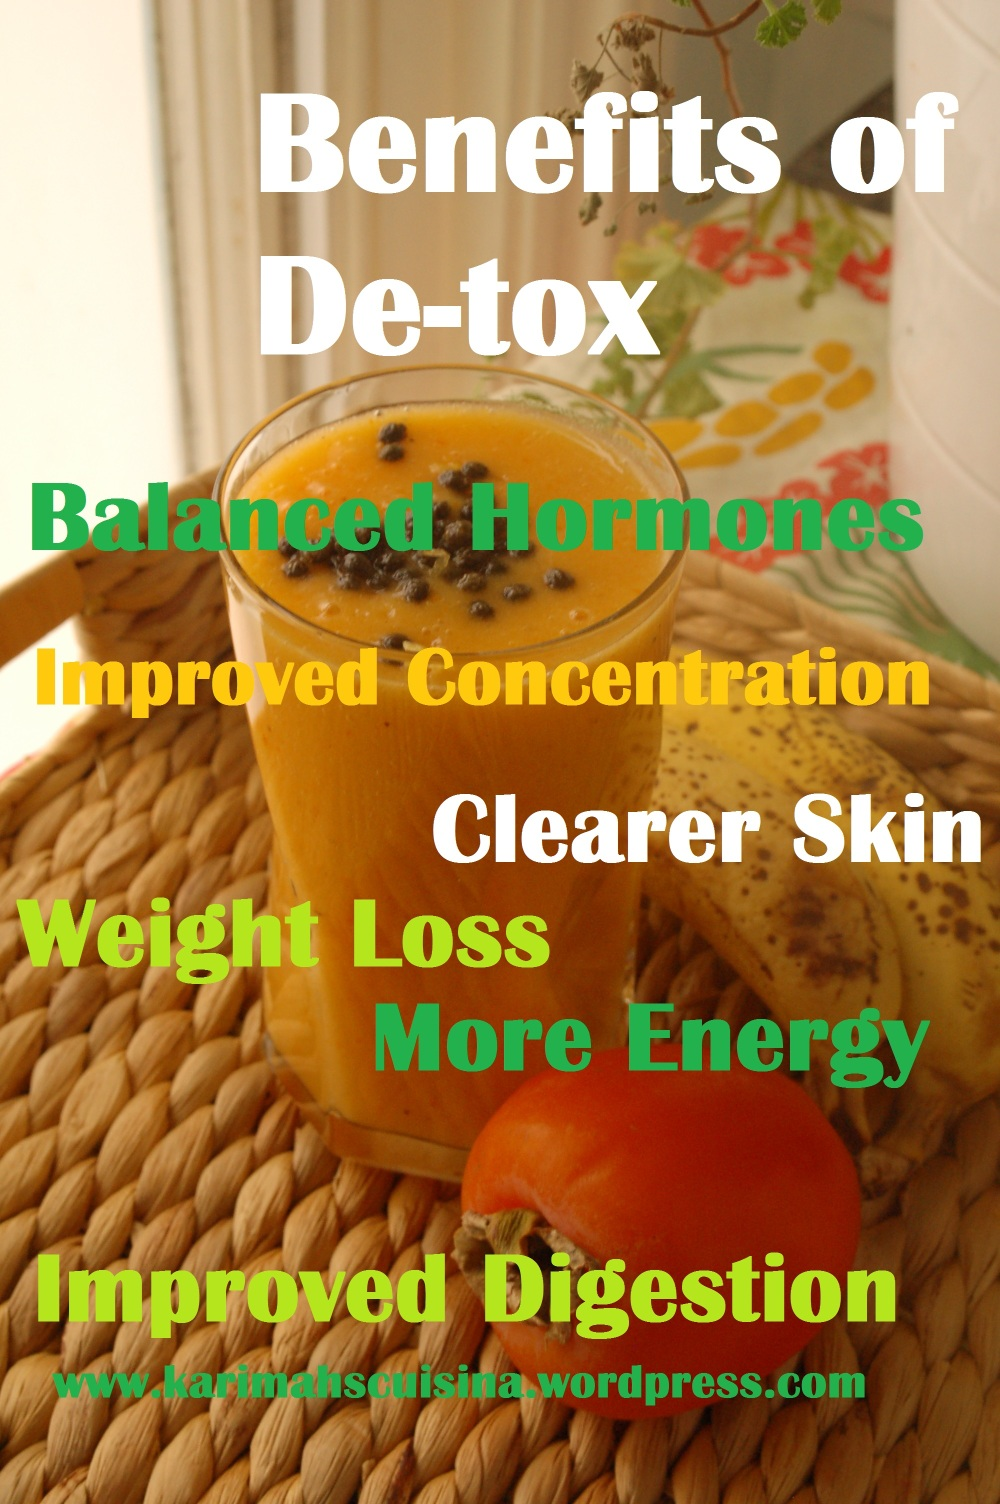 DE-TOX BENEFITS